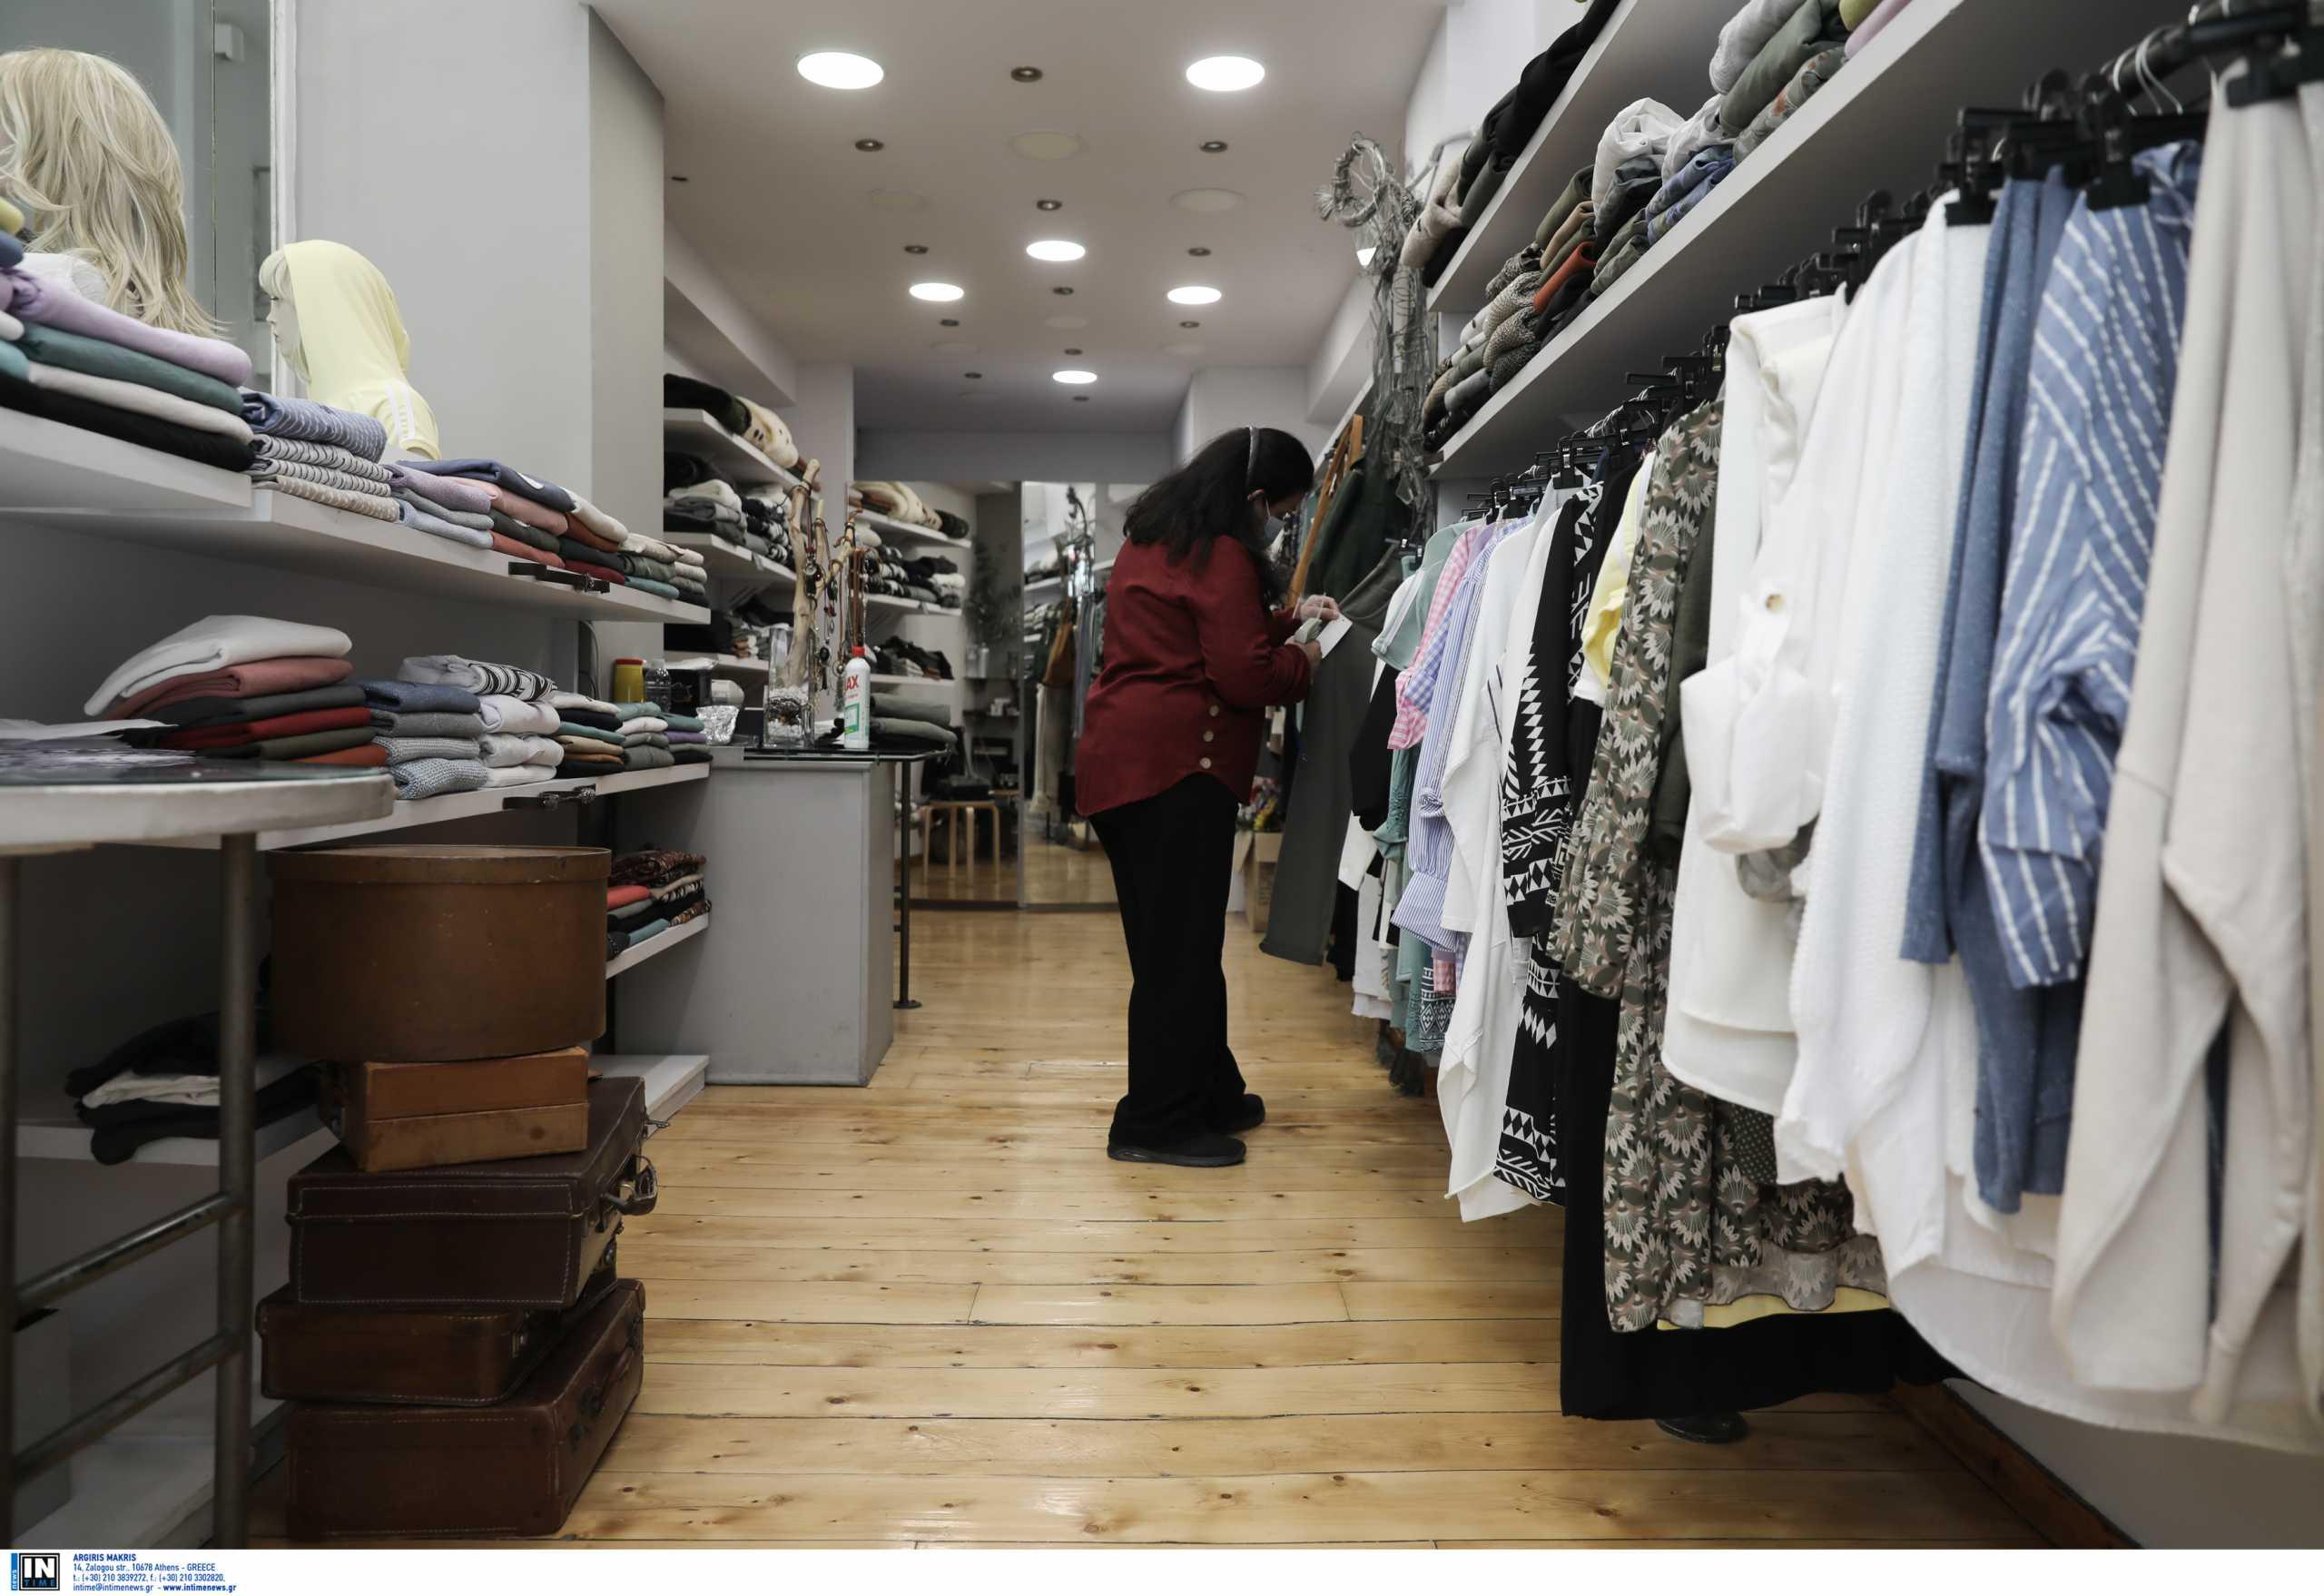 Έρευνα: Πώς ο κορονοϊός άλλαξε τις καταναλωτικές μας συνήθειες – Το 59% επισκέπτεται λιγότερo τα καταστήματα